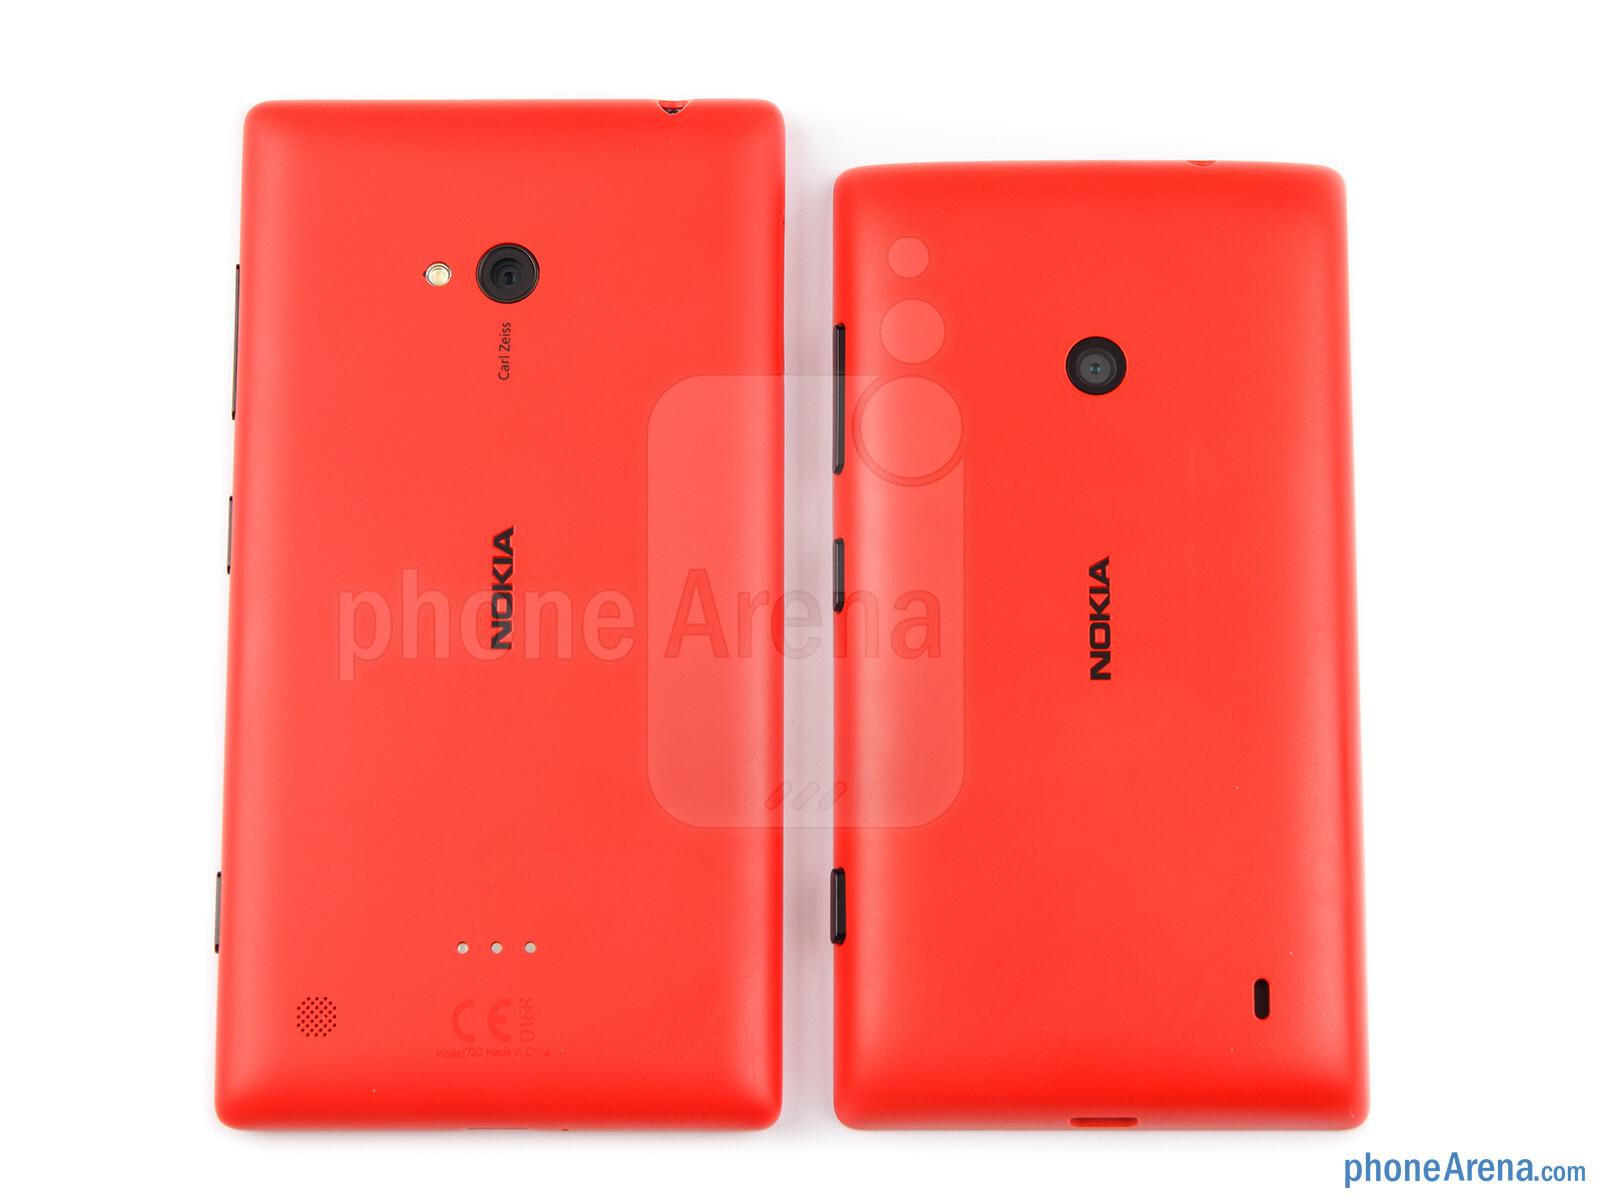 Nokia lumia 520 vs nokia lumia 720 the nokia lumia 520 right and lumia 720 left both share a ccuart Choice Image